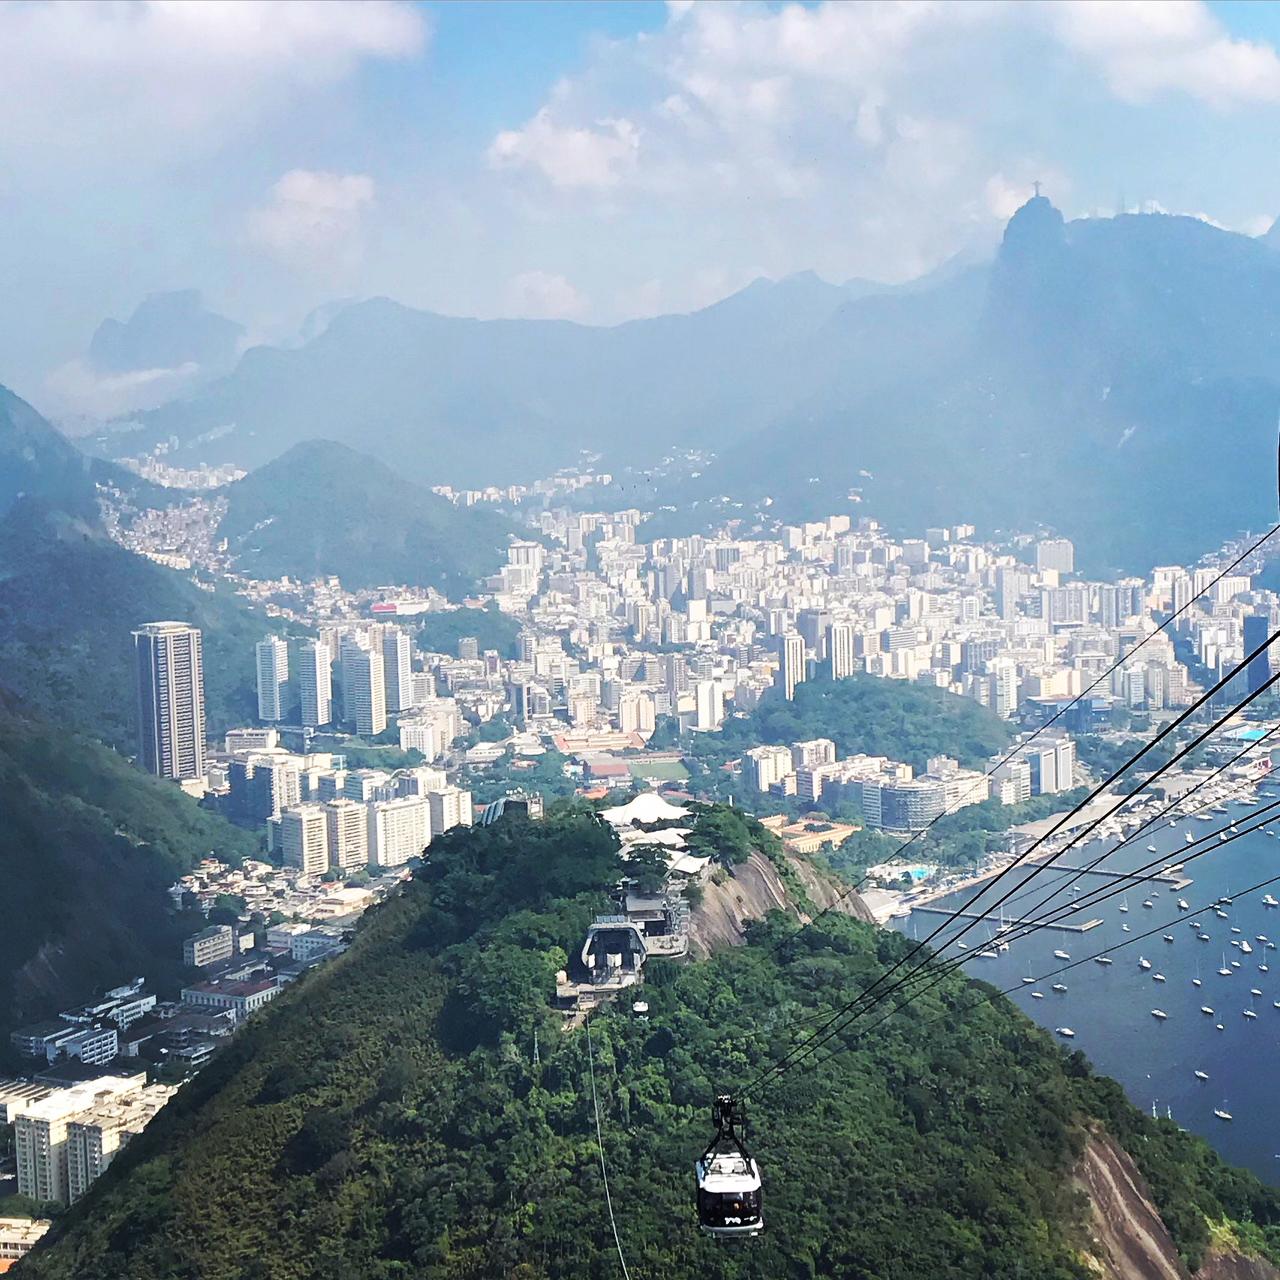 Brazil_2.JPG